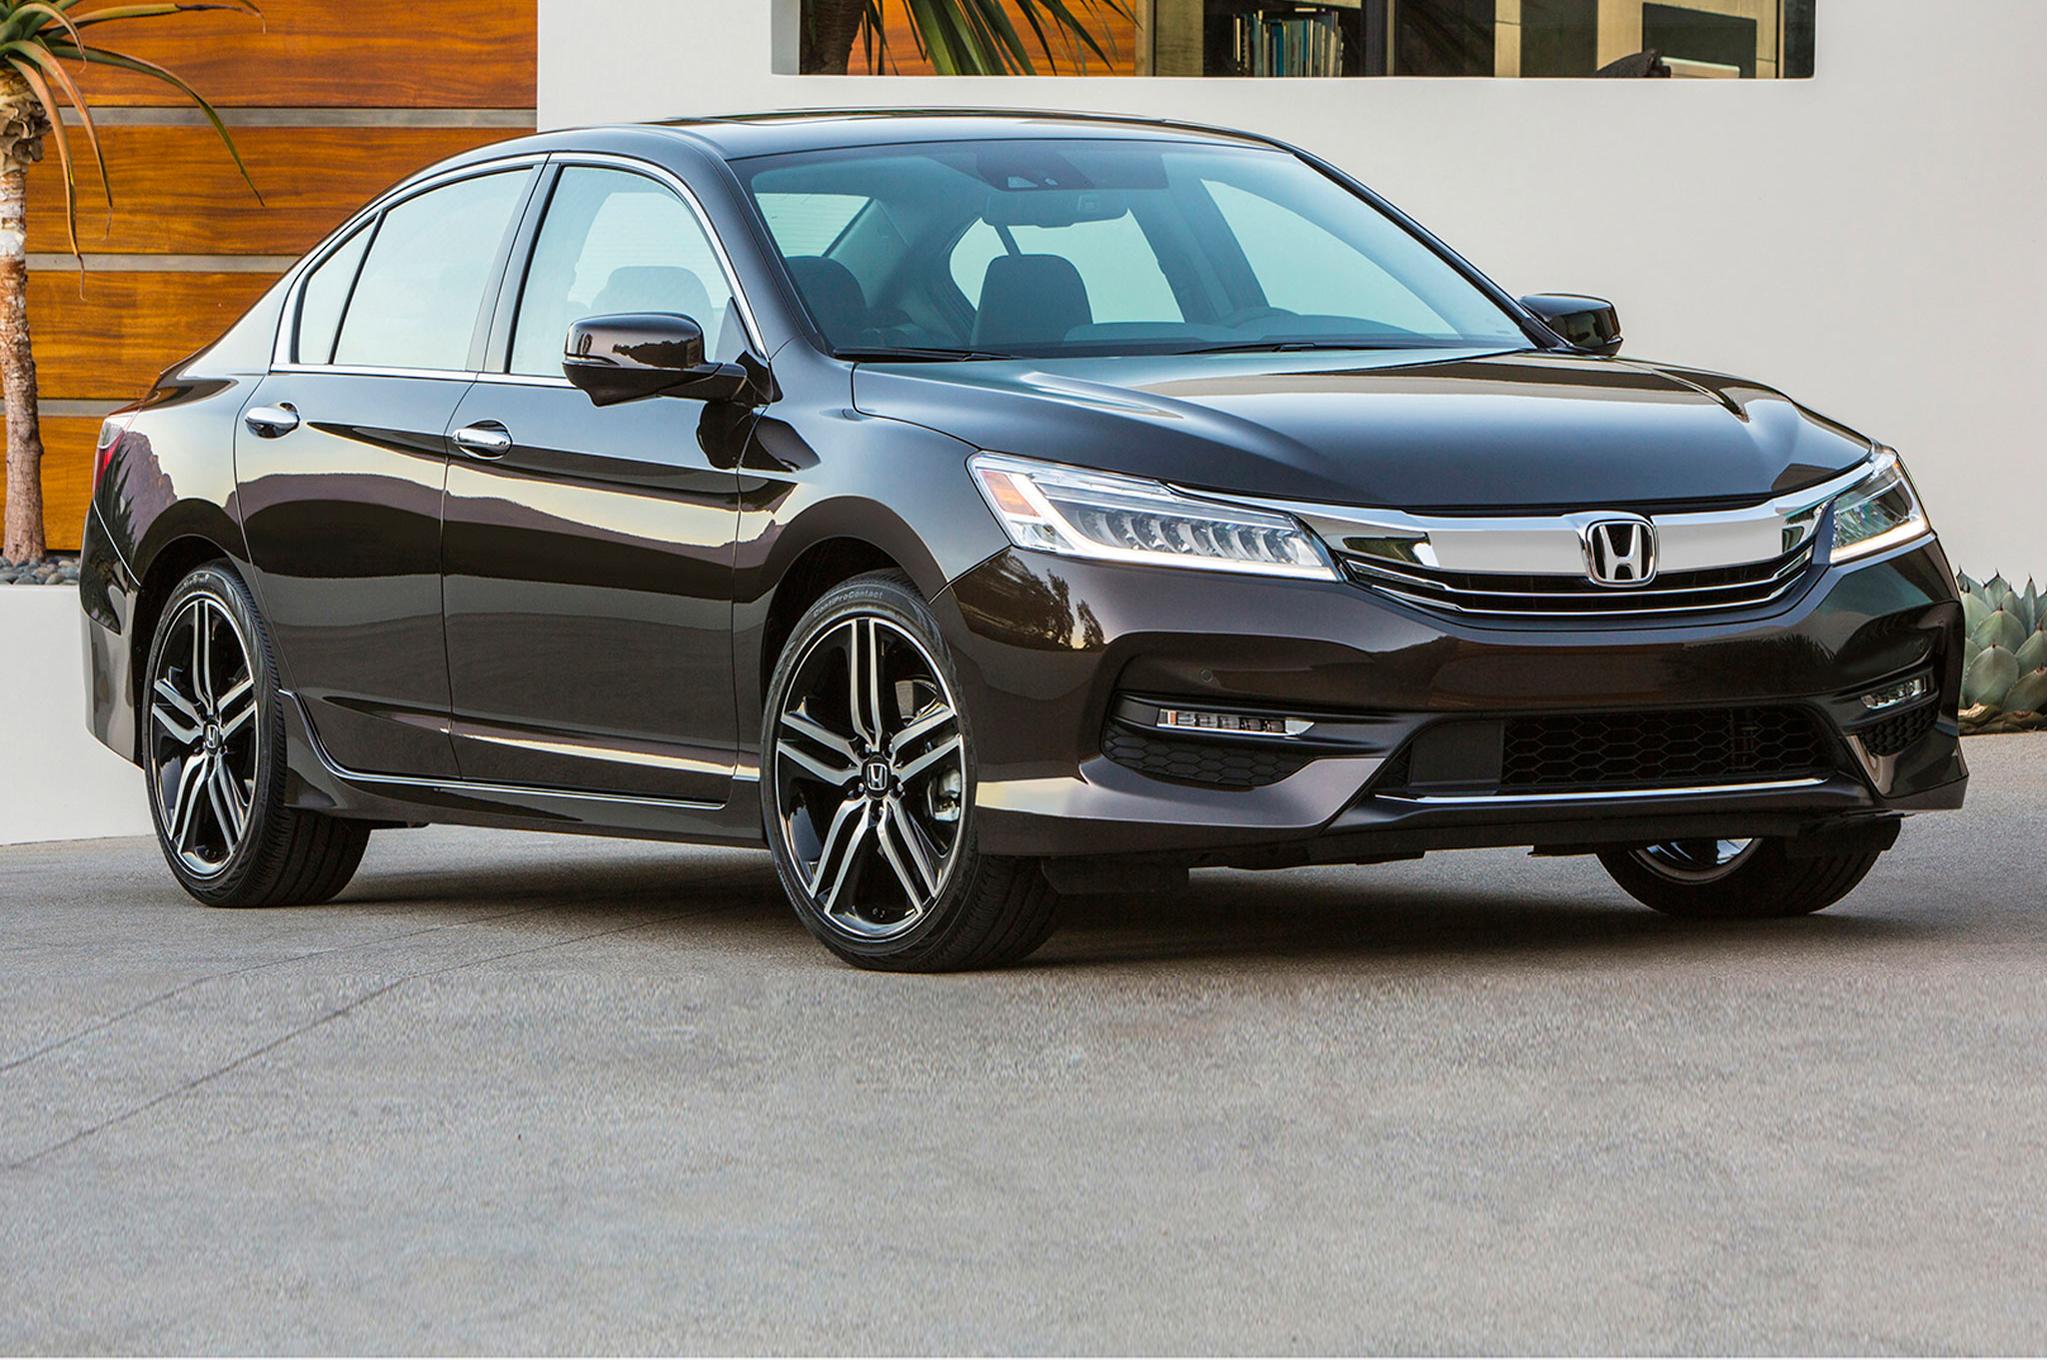 Honda Accord 2016 chiếc xe bán ế nhất tại thị trường Việt